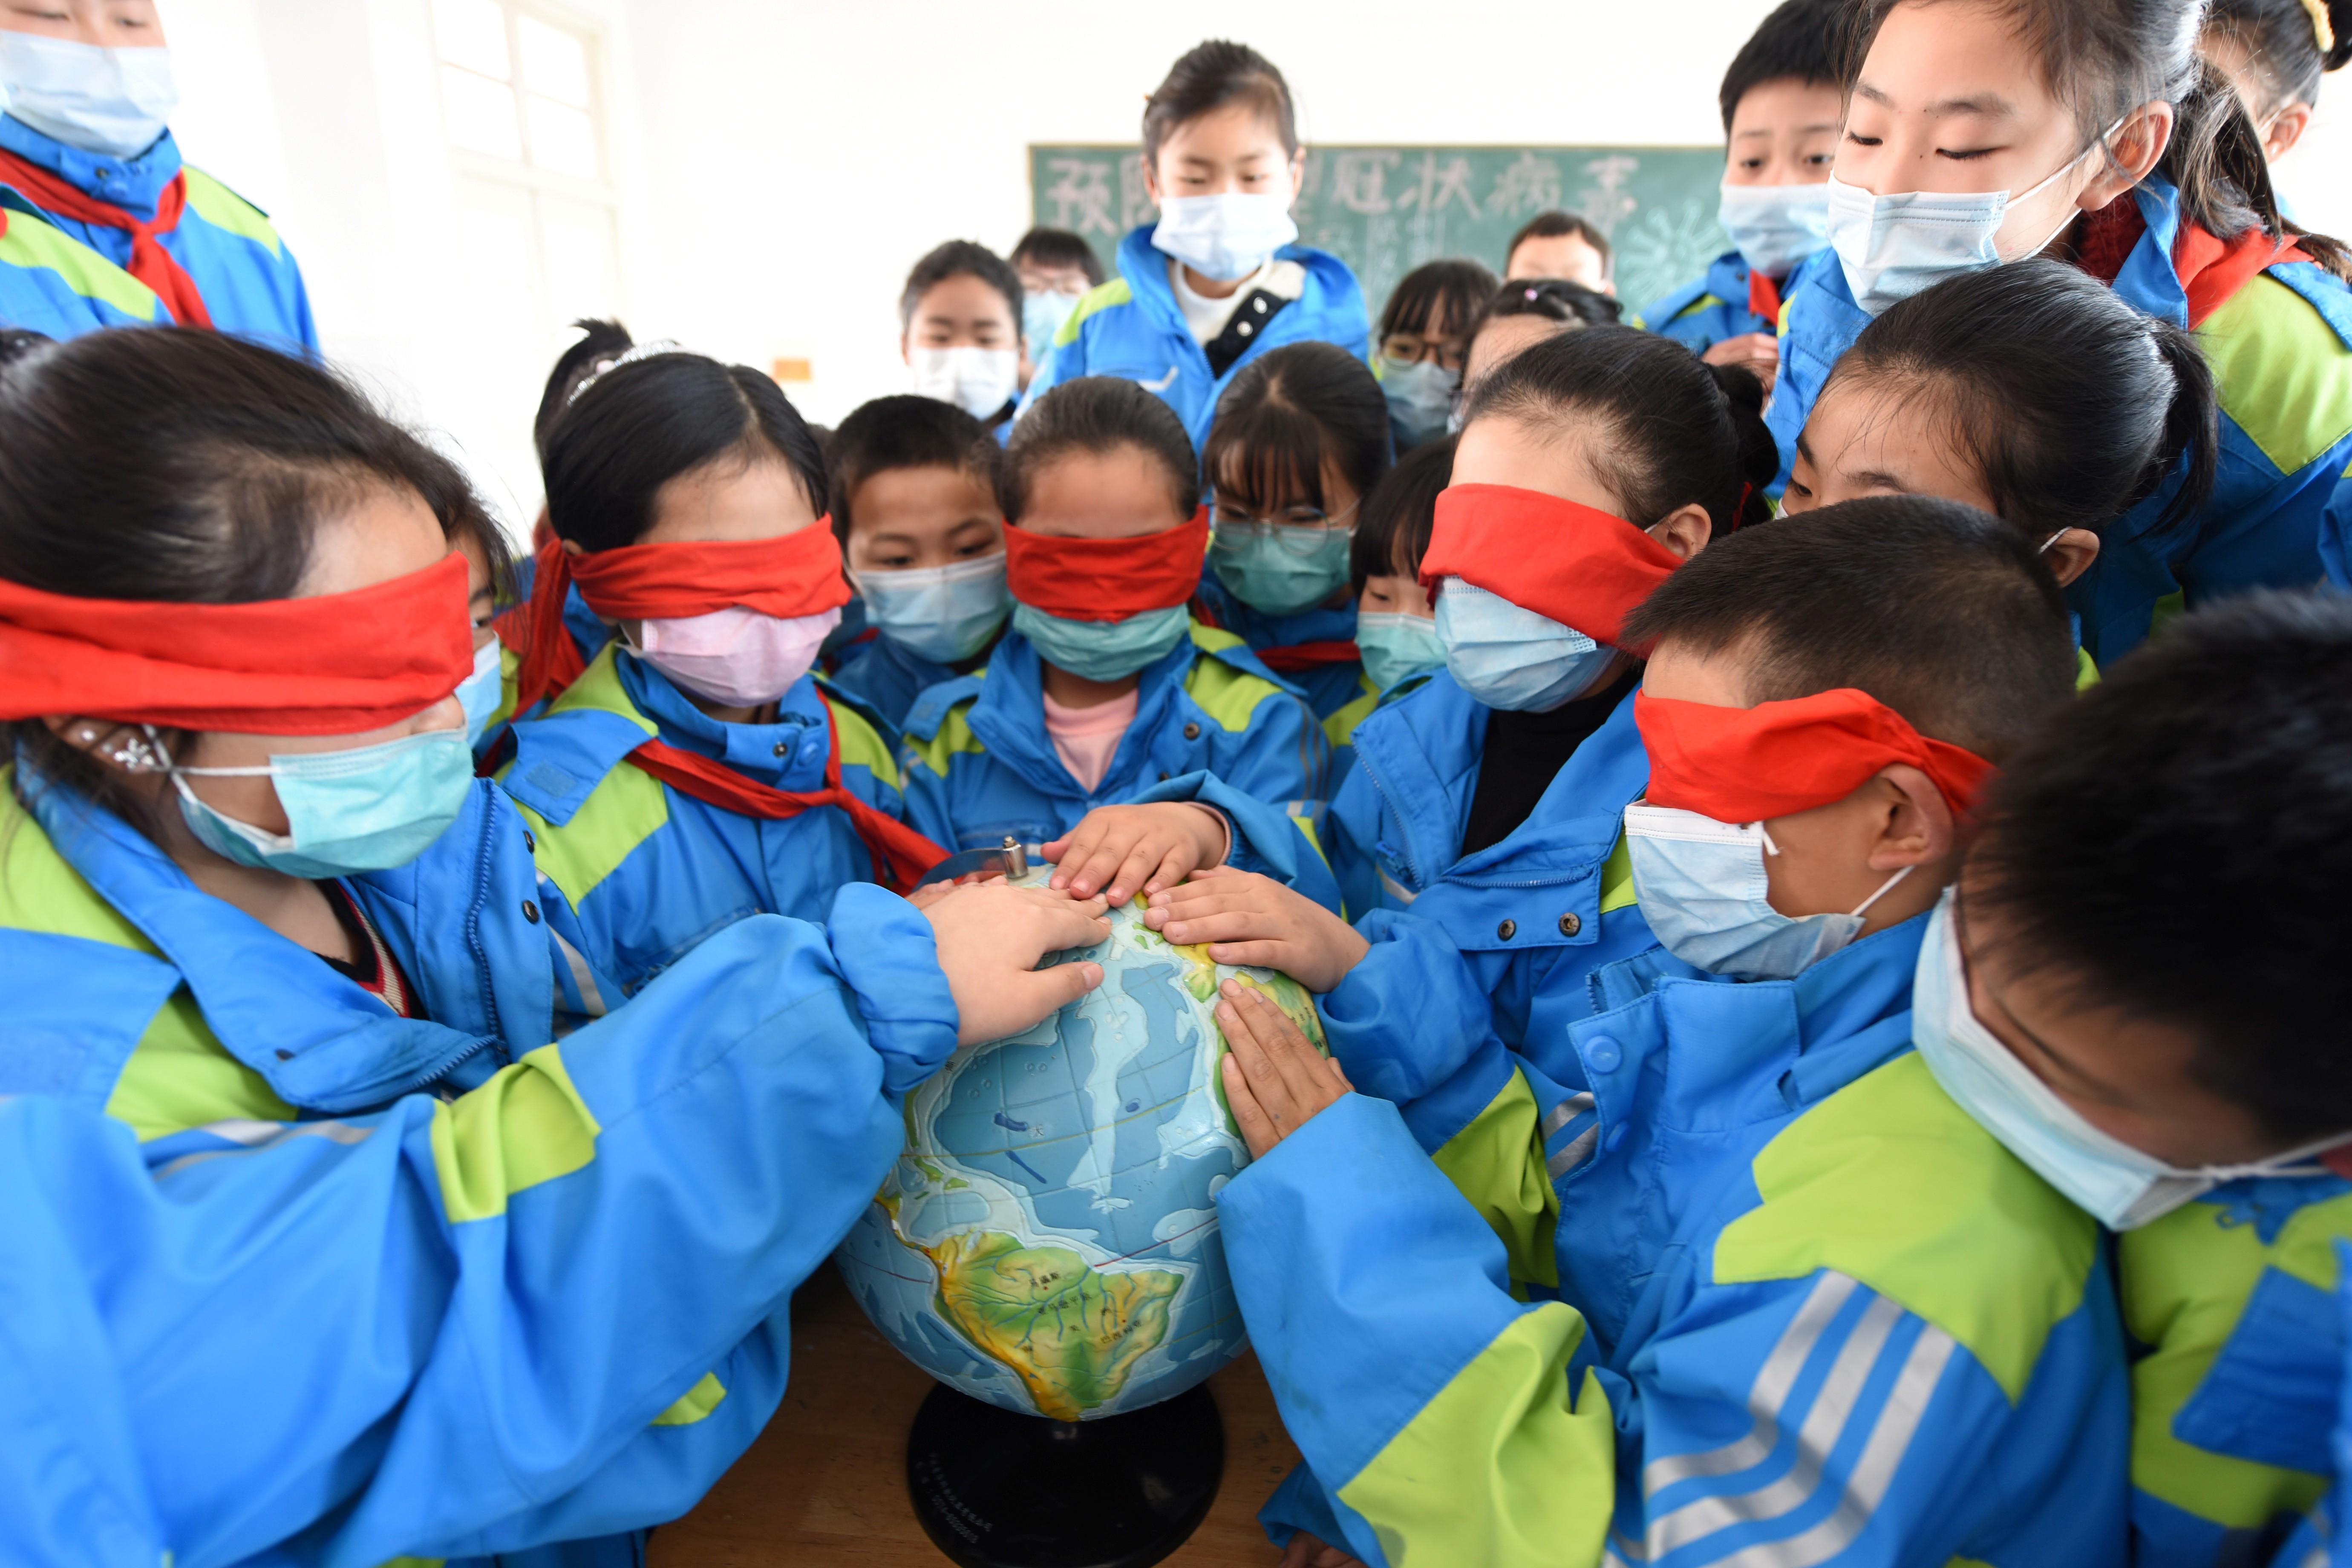 Noroeste da China tem reincidência de casos de coronavírus